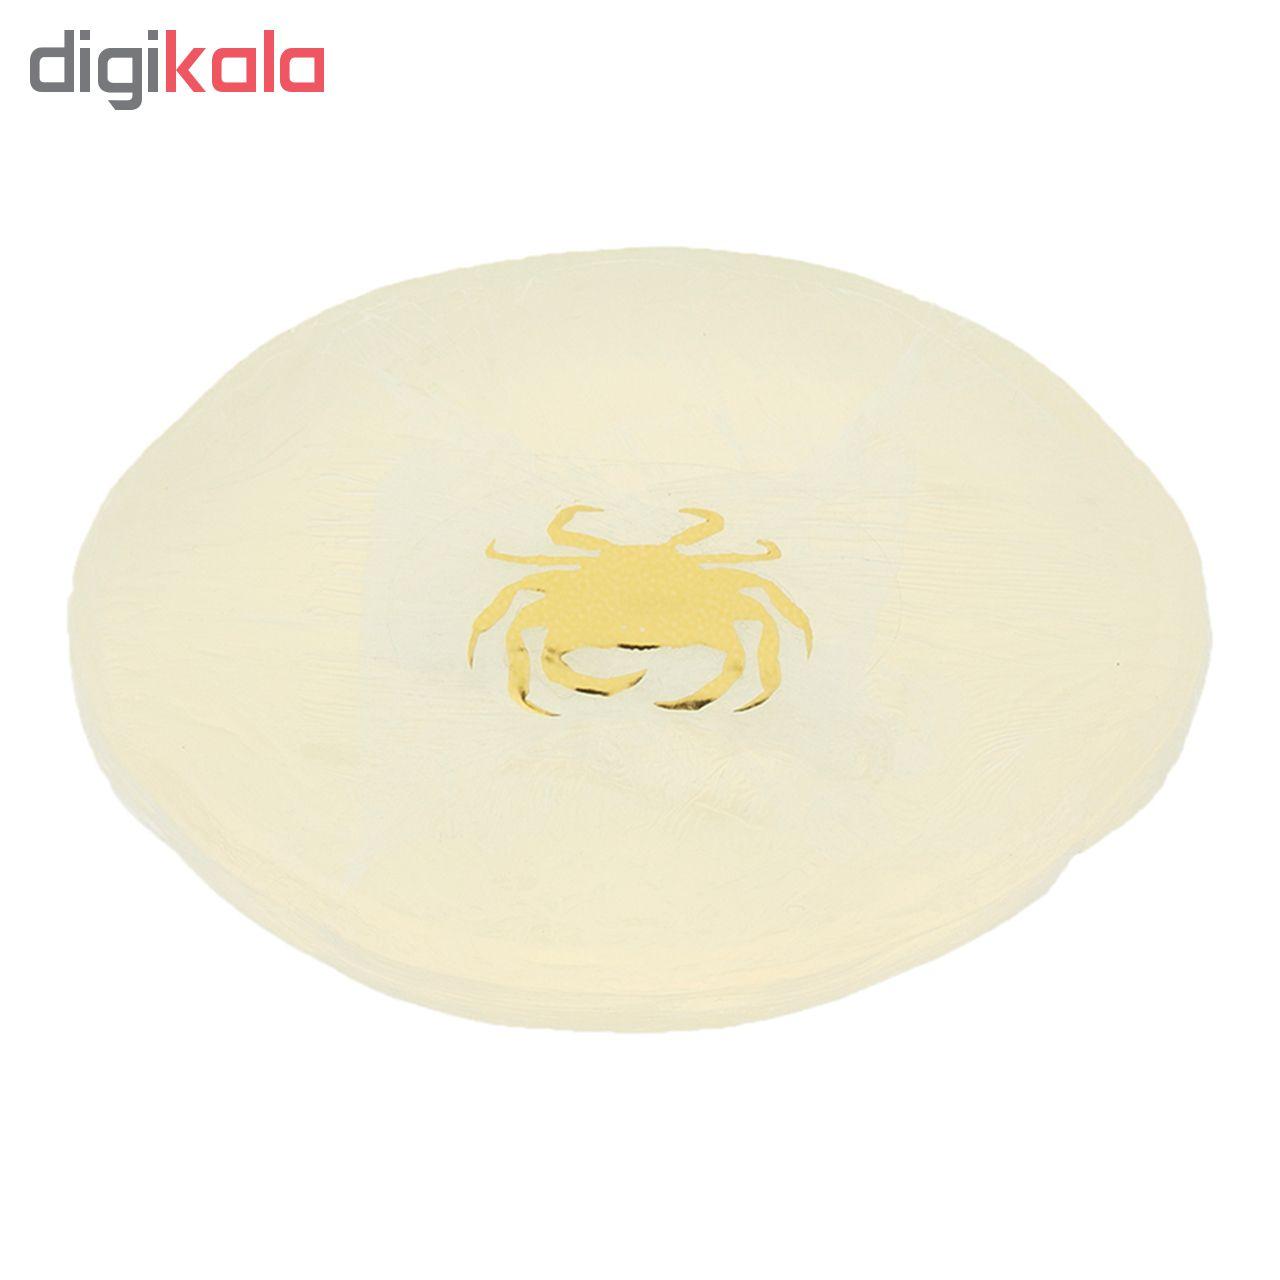 صابون ضد چروک و روشن کننده والنسی مدل خرچنگ وزن 100 گرم مجموعه 2 عددی